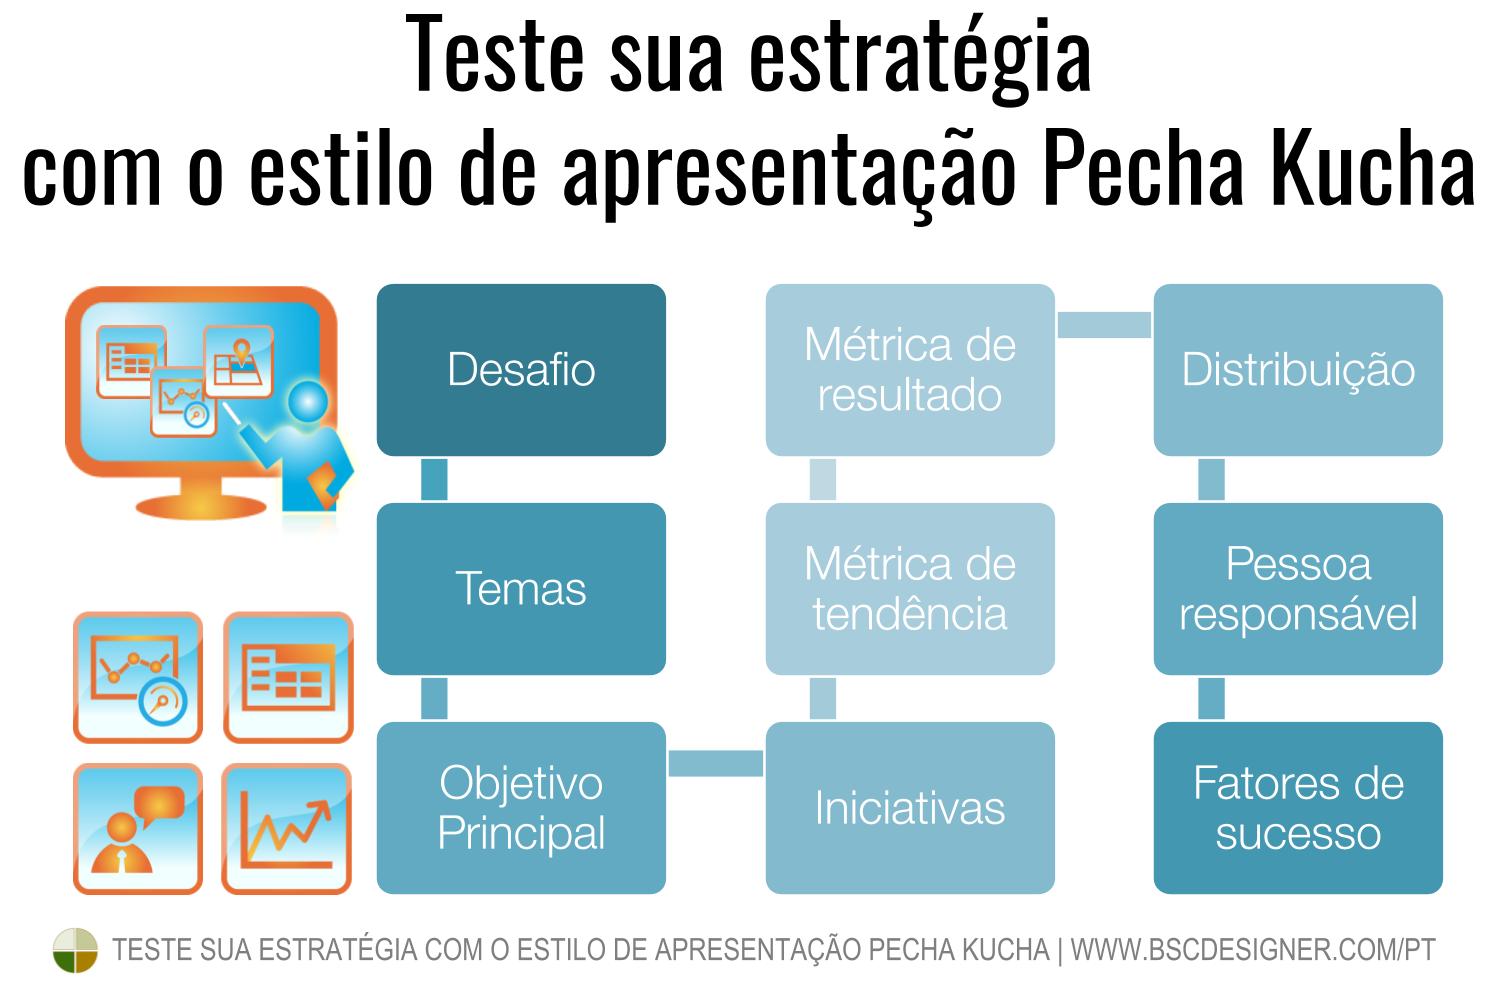 Teste sua estratégia com apresentações no estilo Pecha Kucha